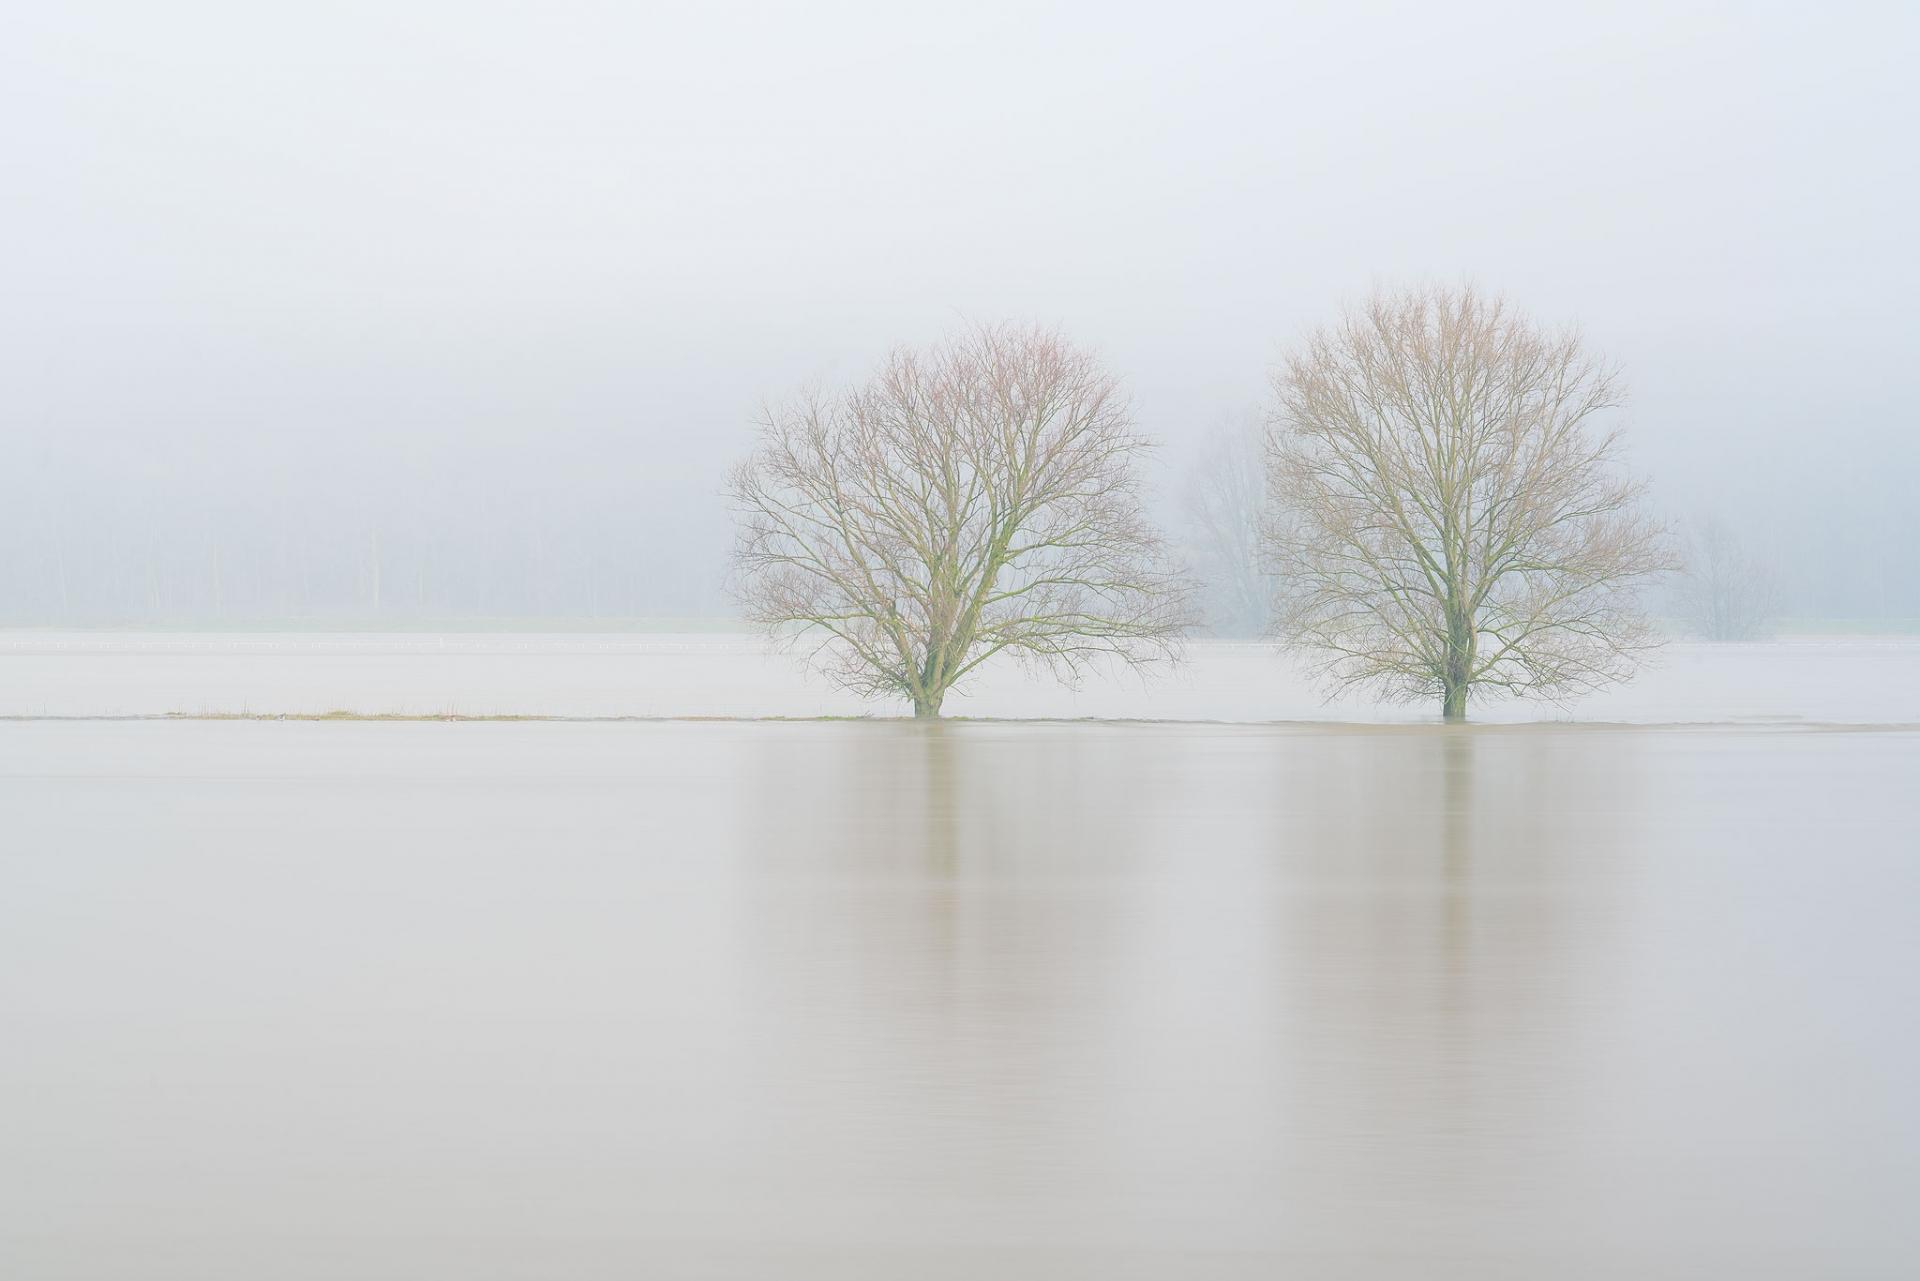 Bomen in de Rijn met hoog water bij het stuwensemble van Driel